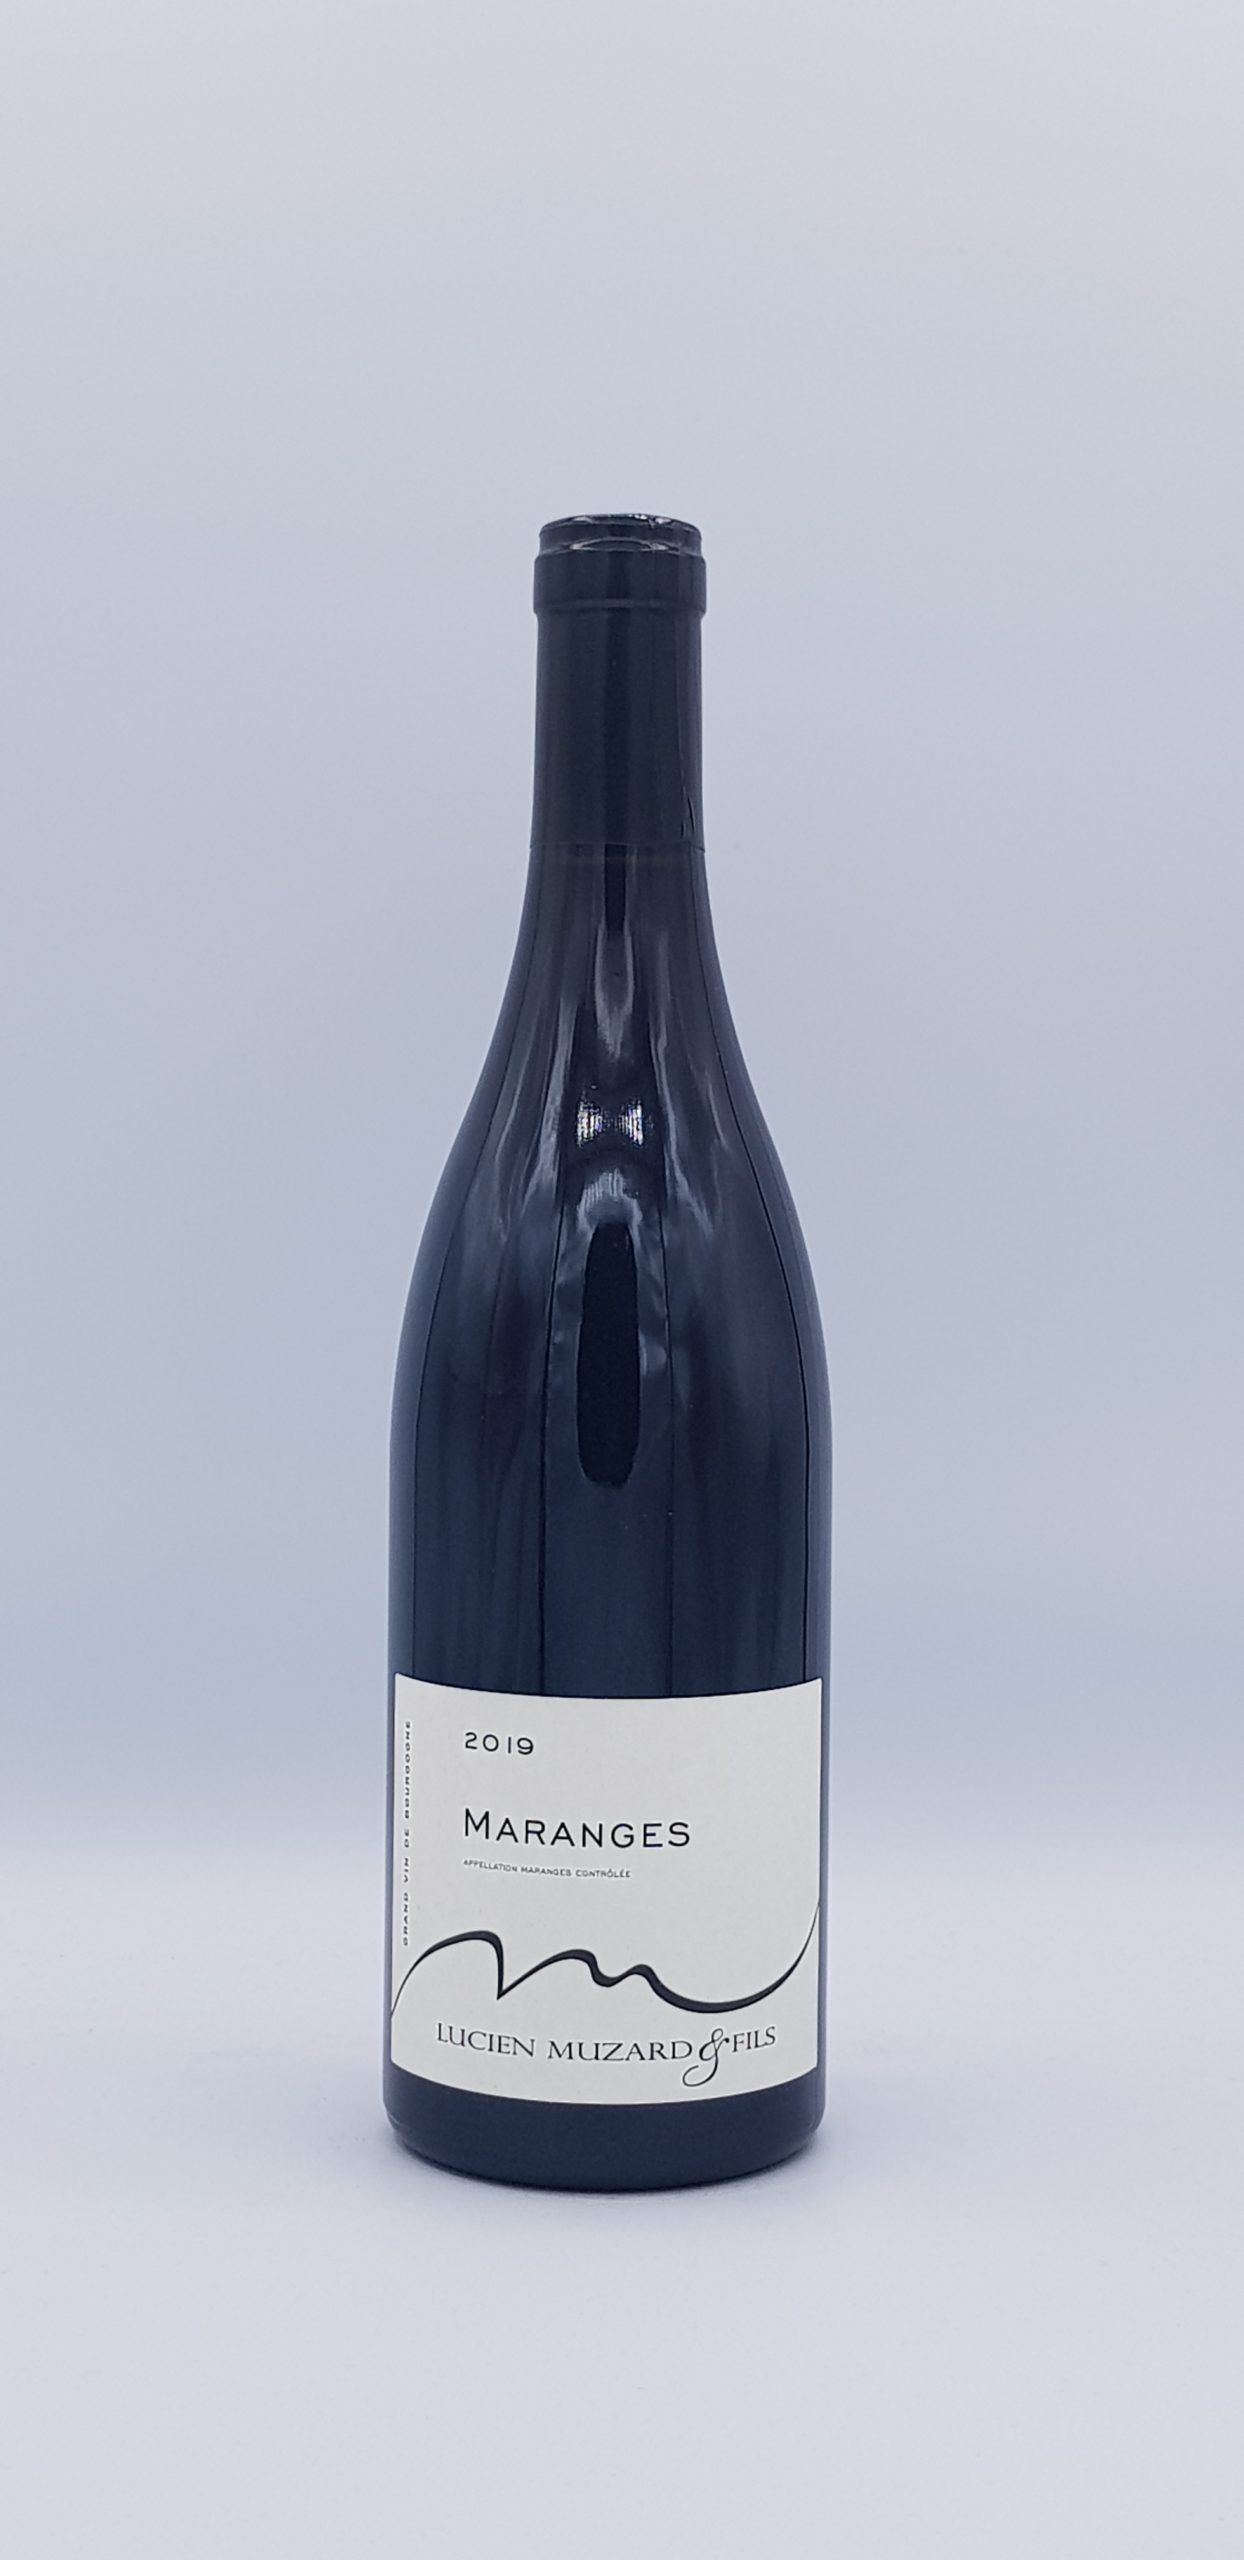 Maranges 2019 Rouge